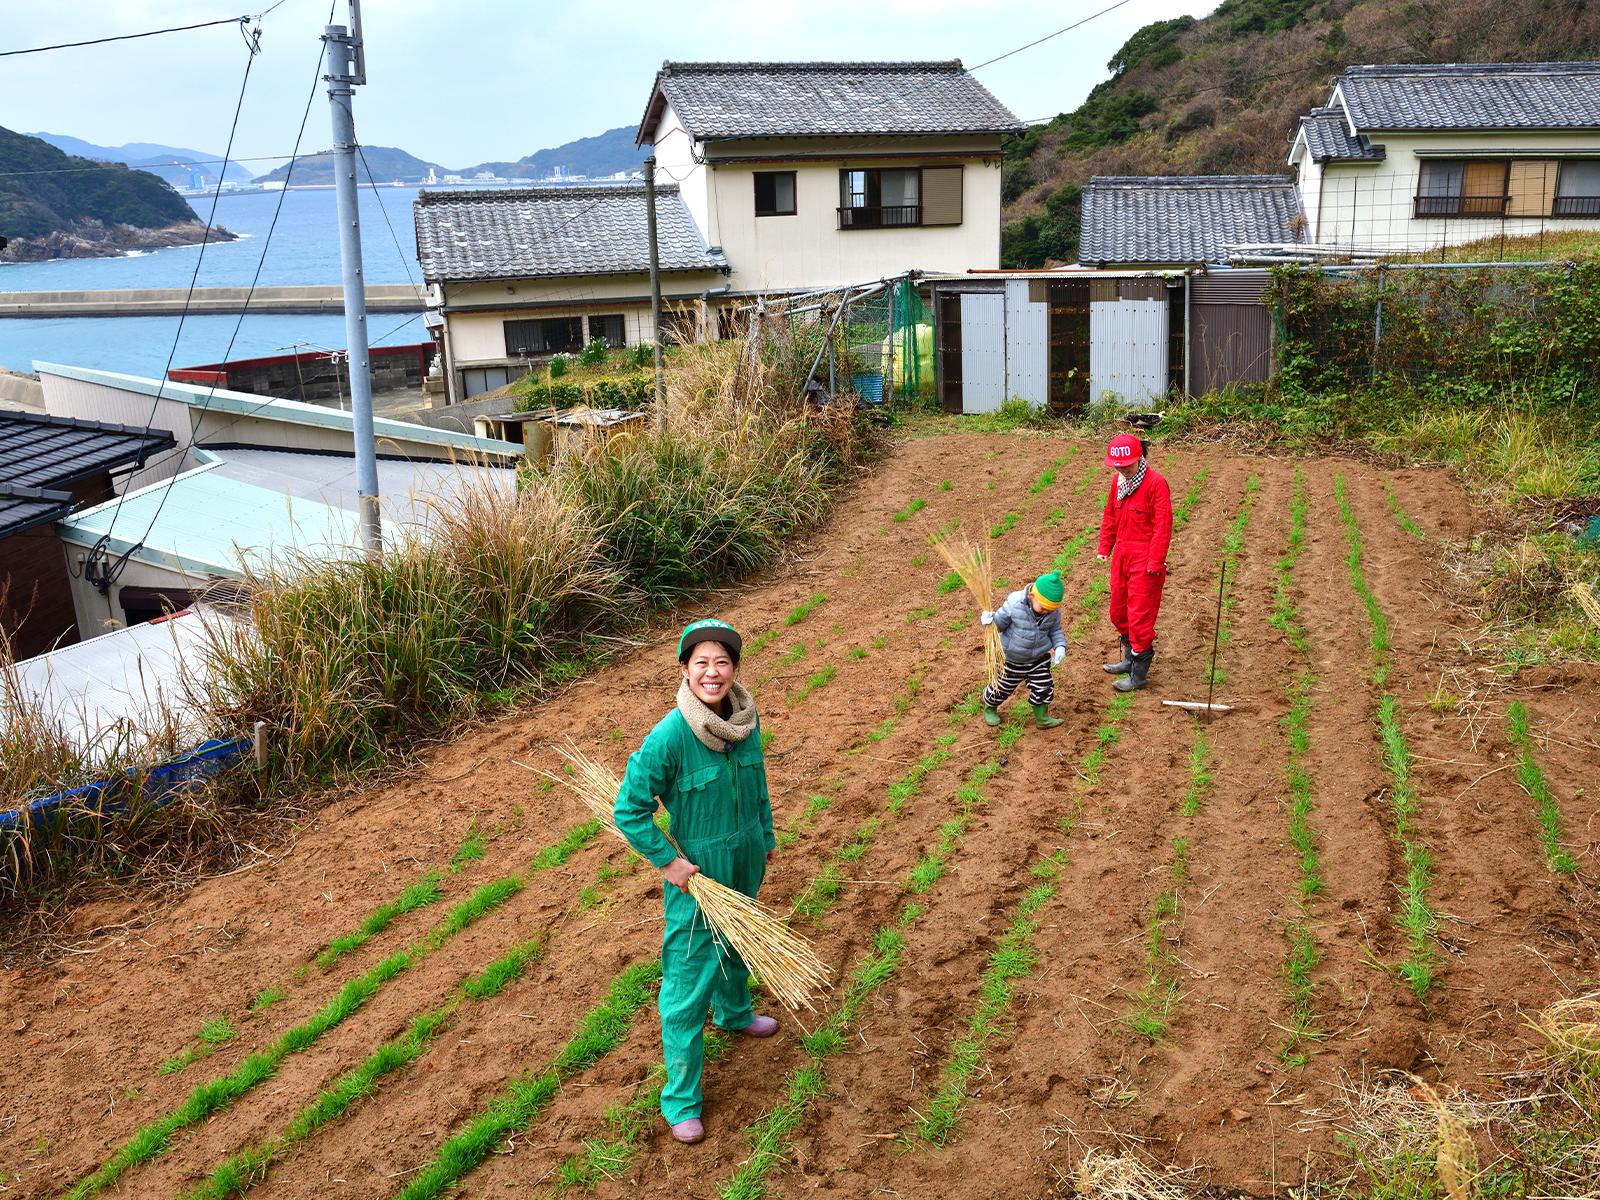 たけうち・さなえ●1984年生まれ。奈良県出身。2007年、中日新聞社の記者になり、15年に退社。同年、長崎県・新上五島町に夫と共に移住し、地域おこし協力隊として勤務する。まもなく3年の任期が終了。花野果農産加工グループを受け継ぎ、2代目となる。